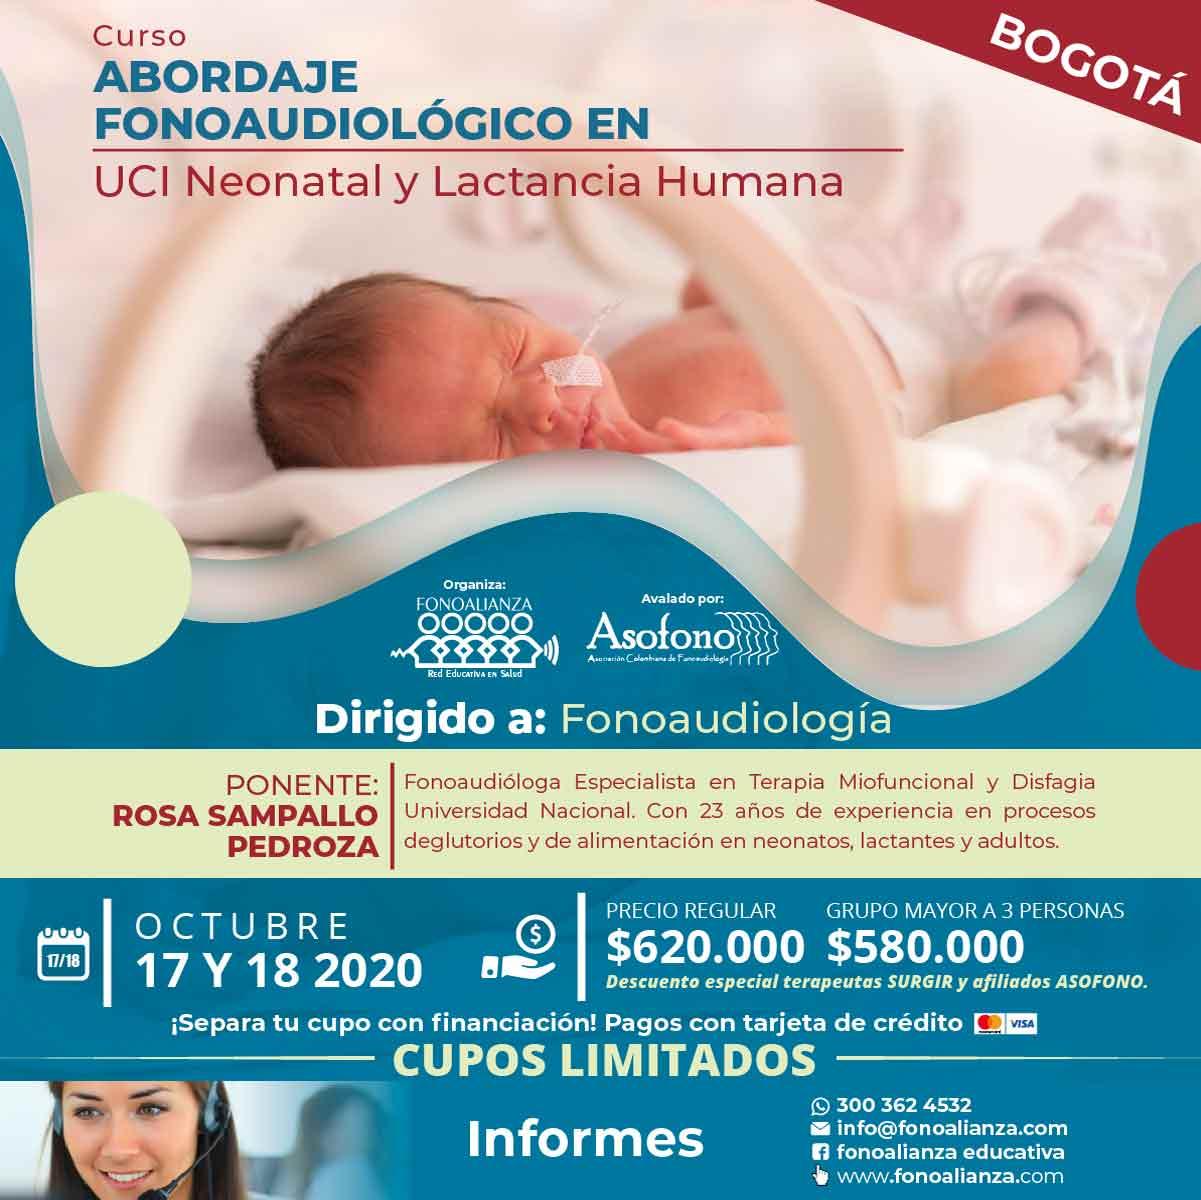 Uci-Neonatal